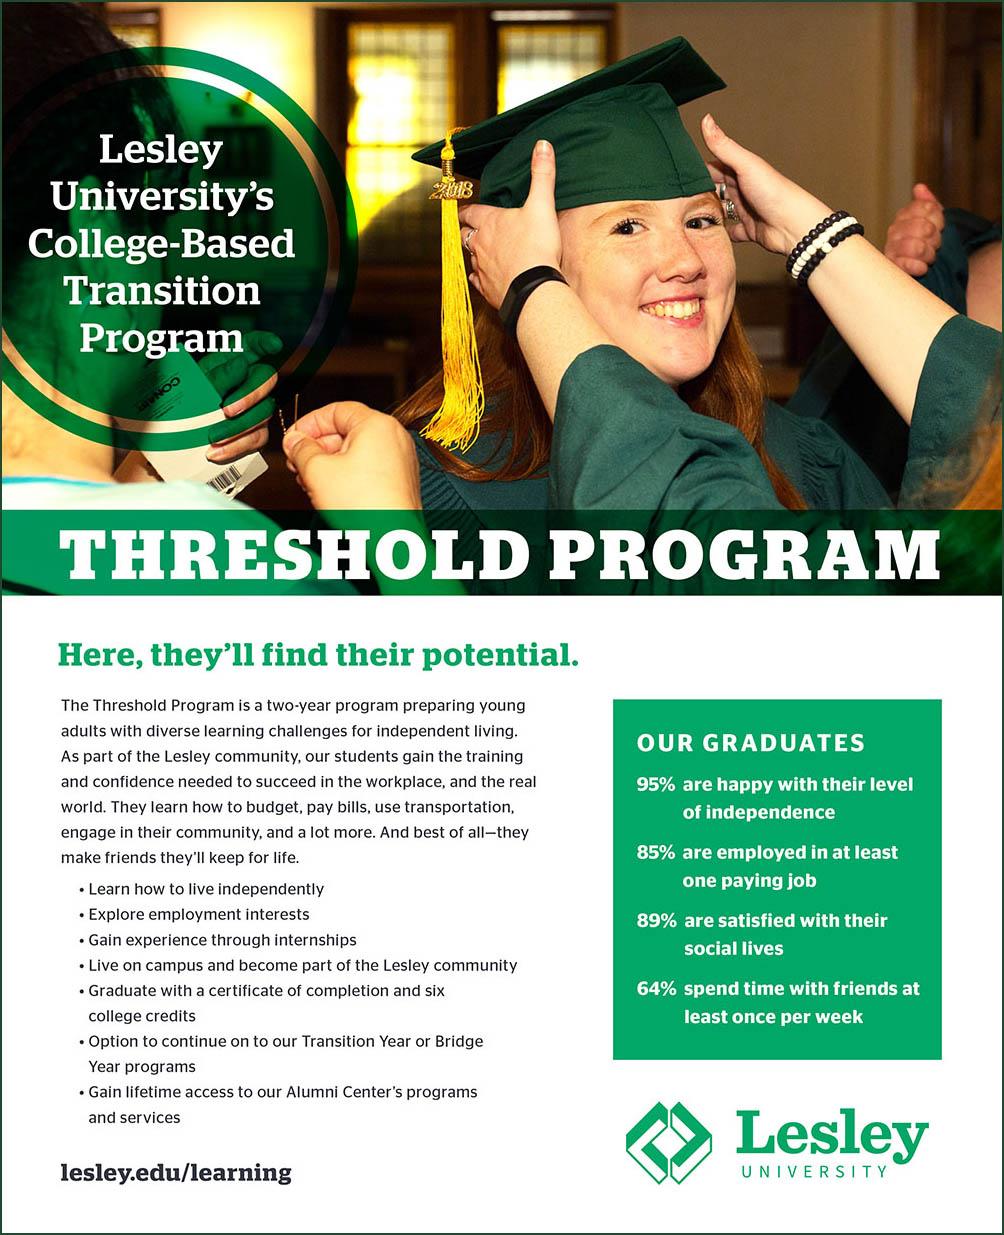 The Threshold Program at Lesley University